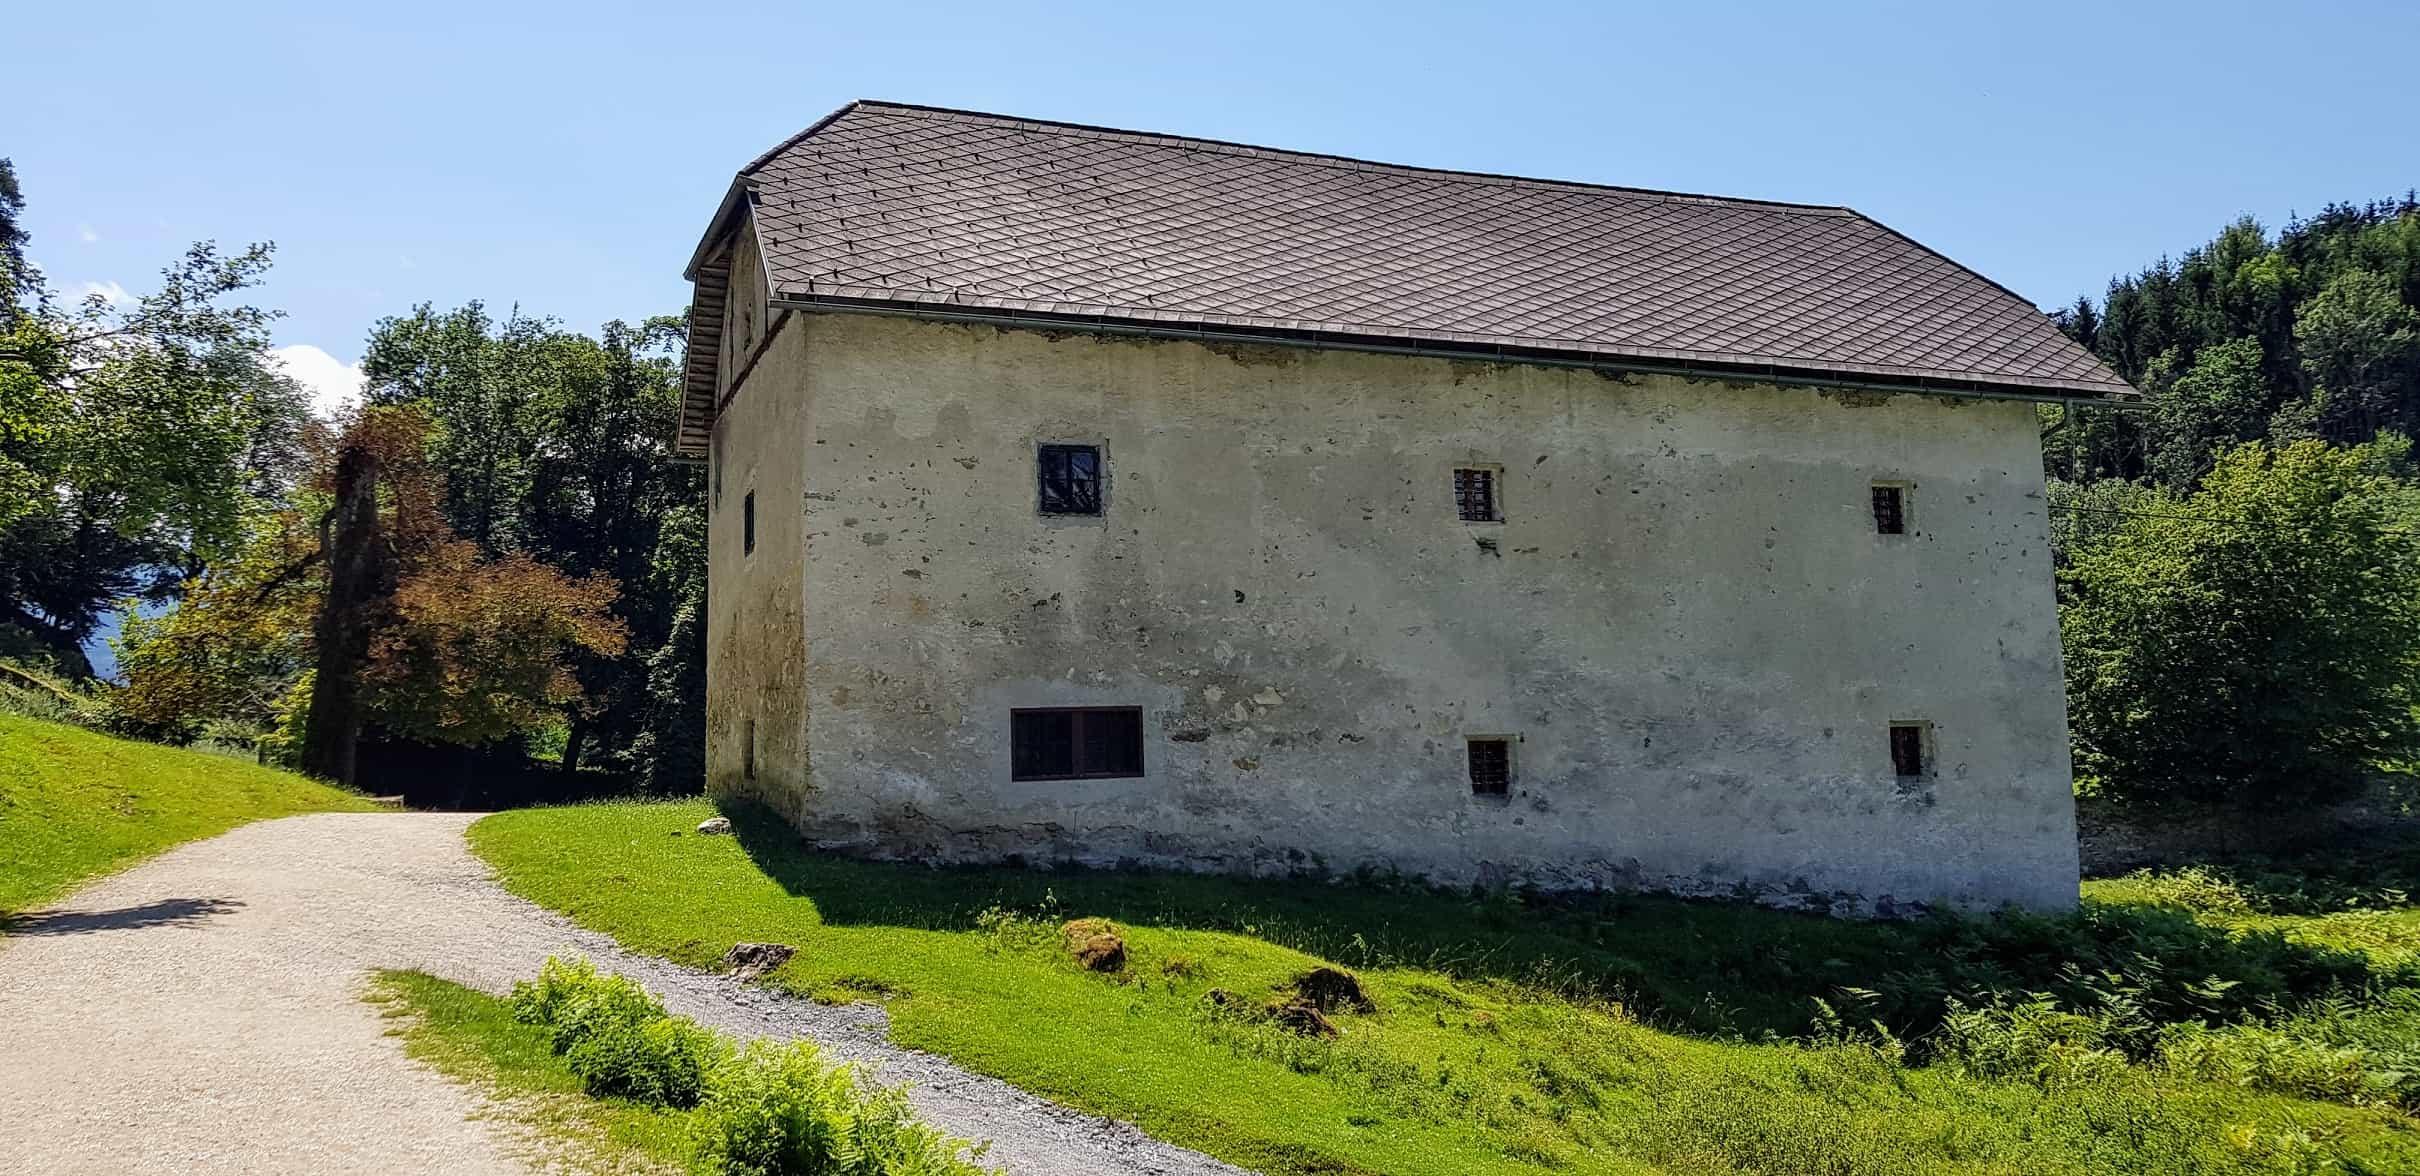 Sehenswürdigkeiten in Kärnten Tierpark Rosegg Ruine